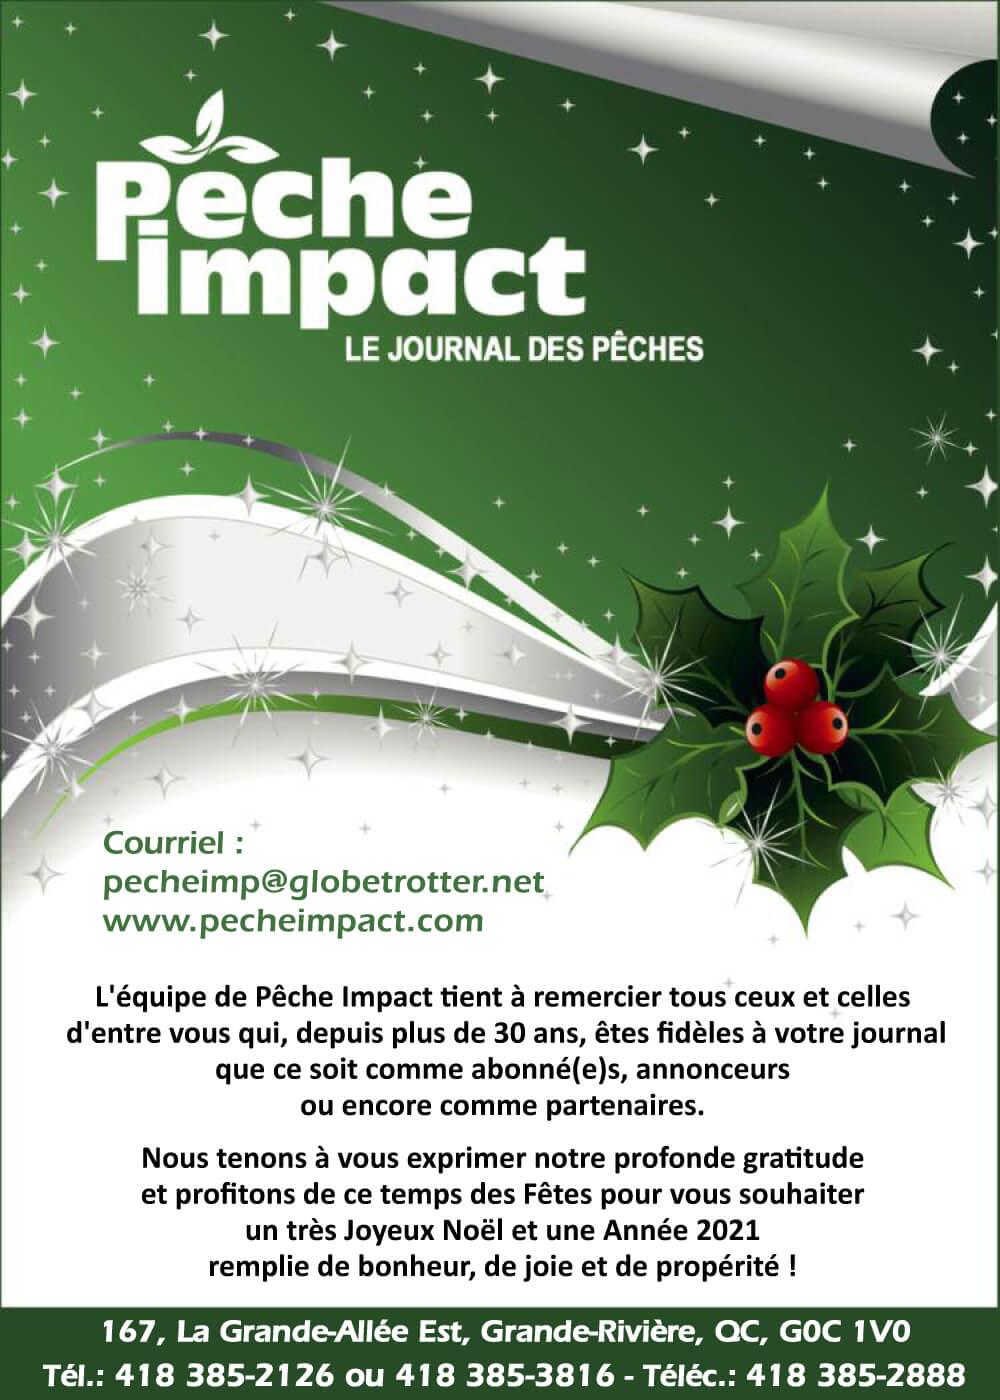 Pêche Impact (voeux de Noël)